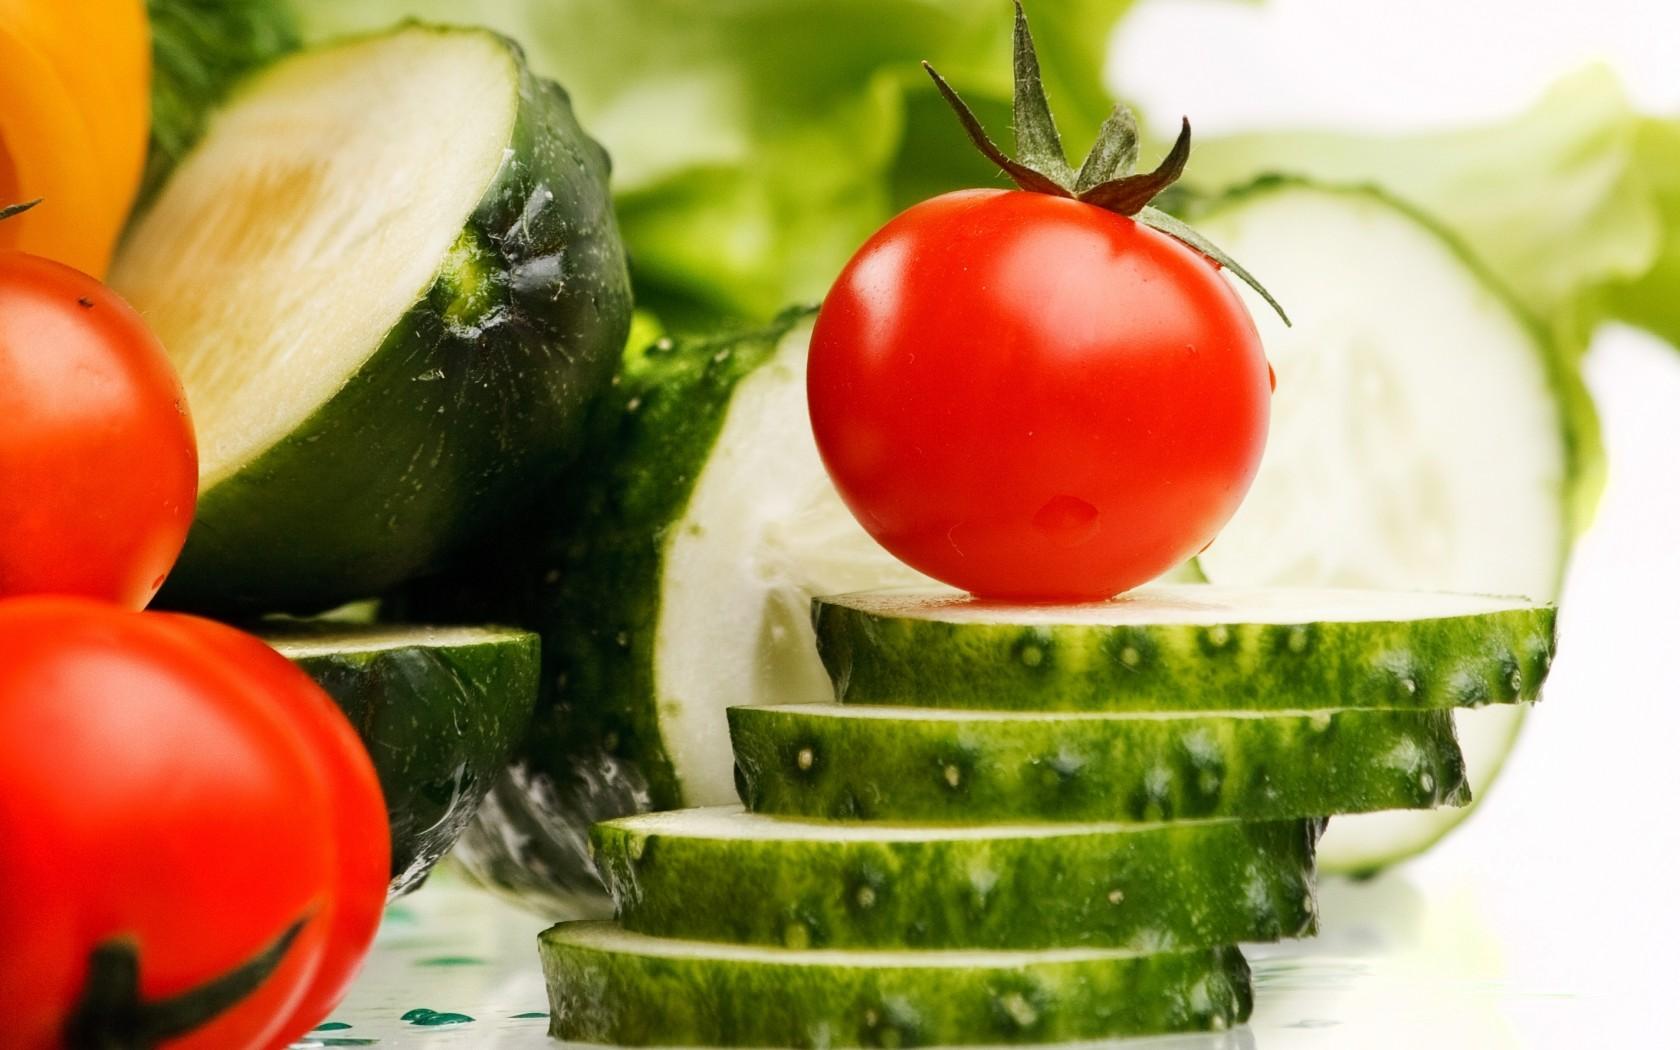 Огурцы и помидоры - не овощи?